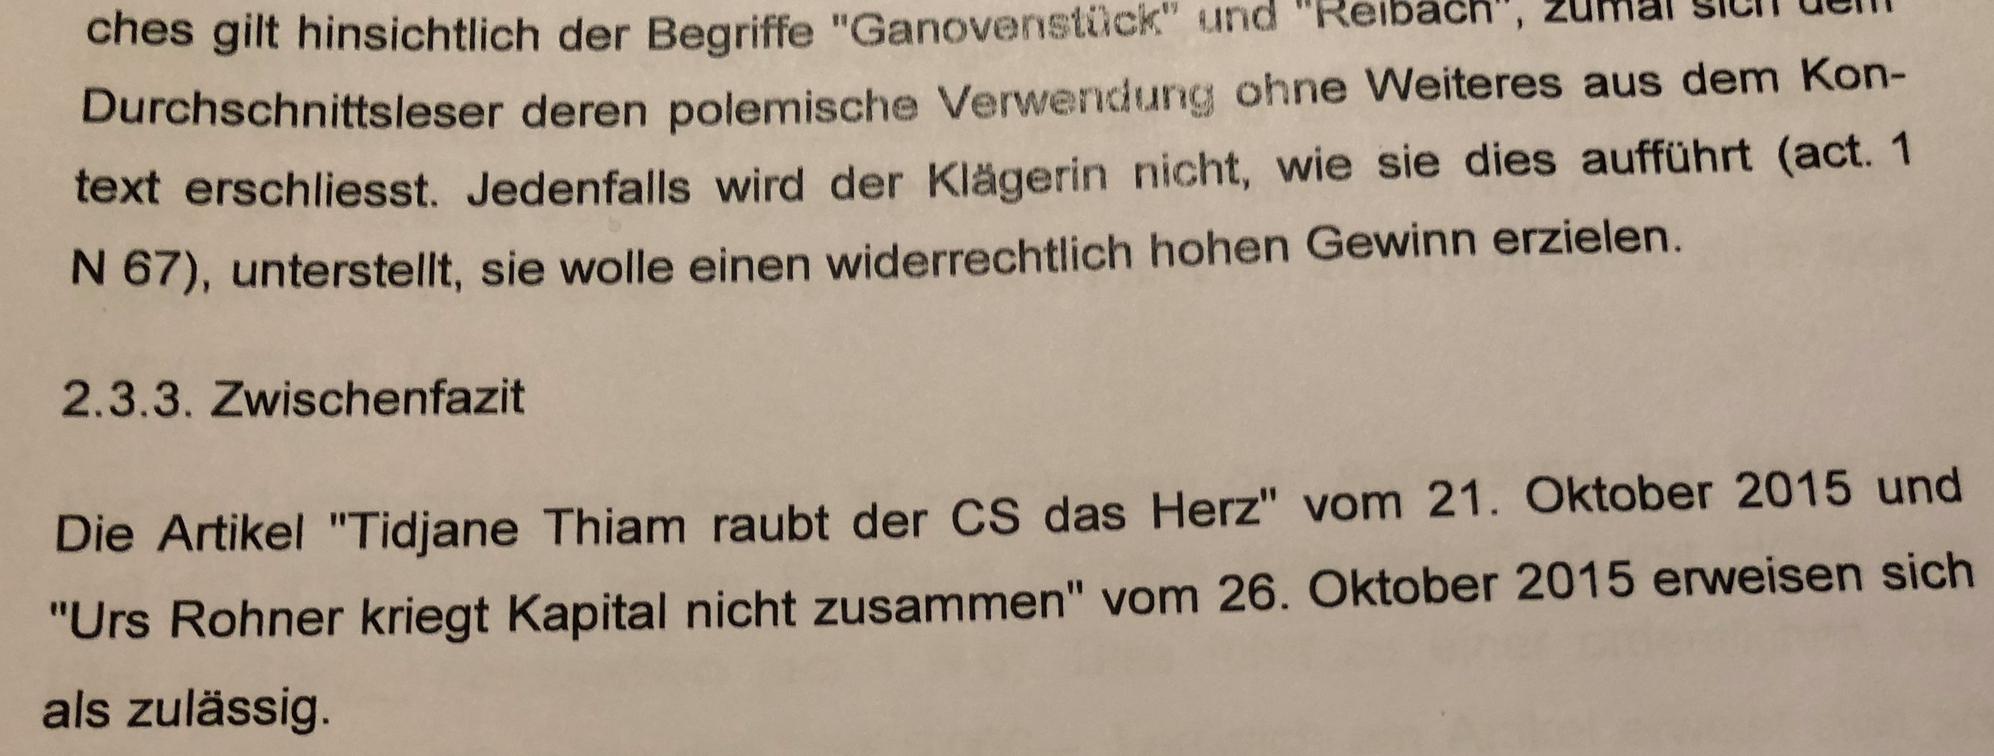 Tolle Supervisor Setzt Proben Fort Galerie - Beispiel Wiederaufnahme ...